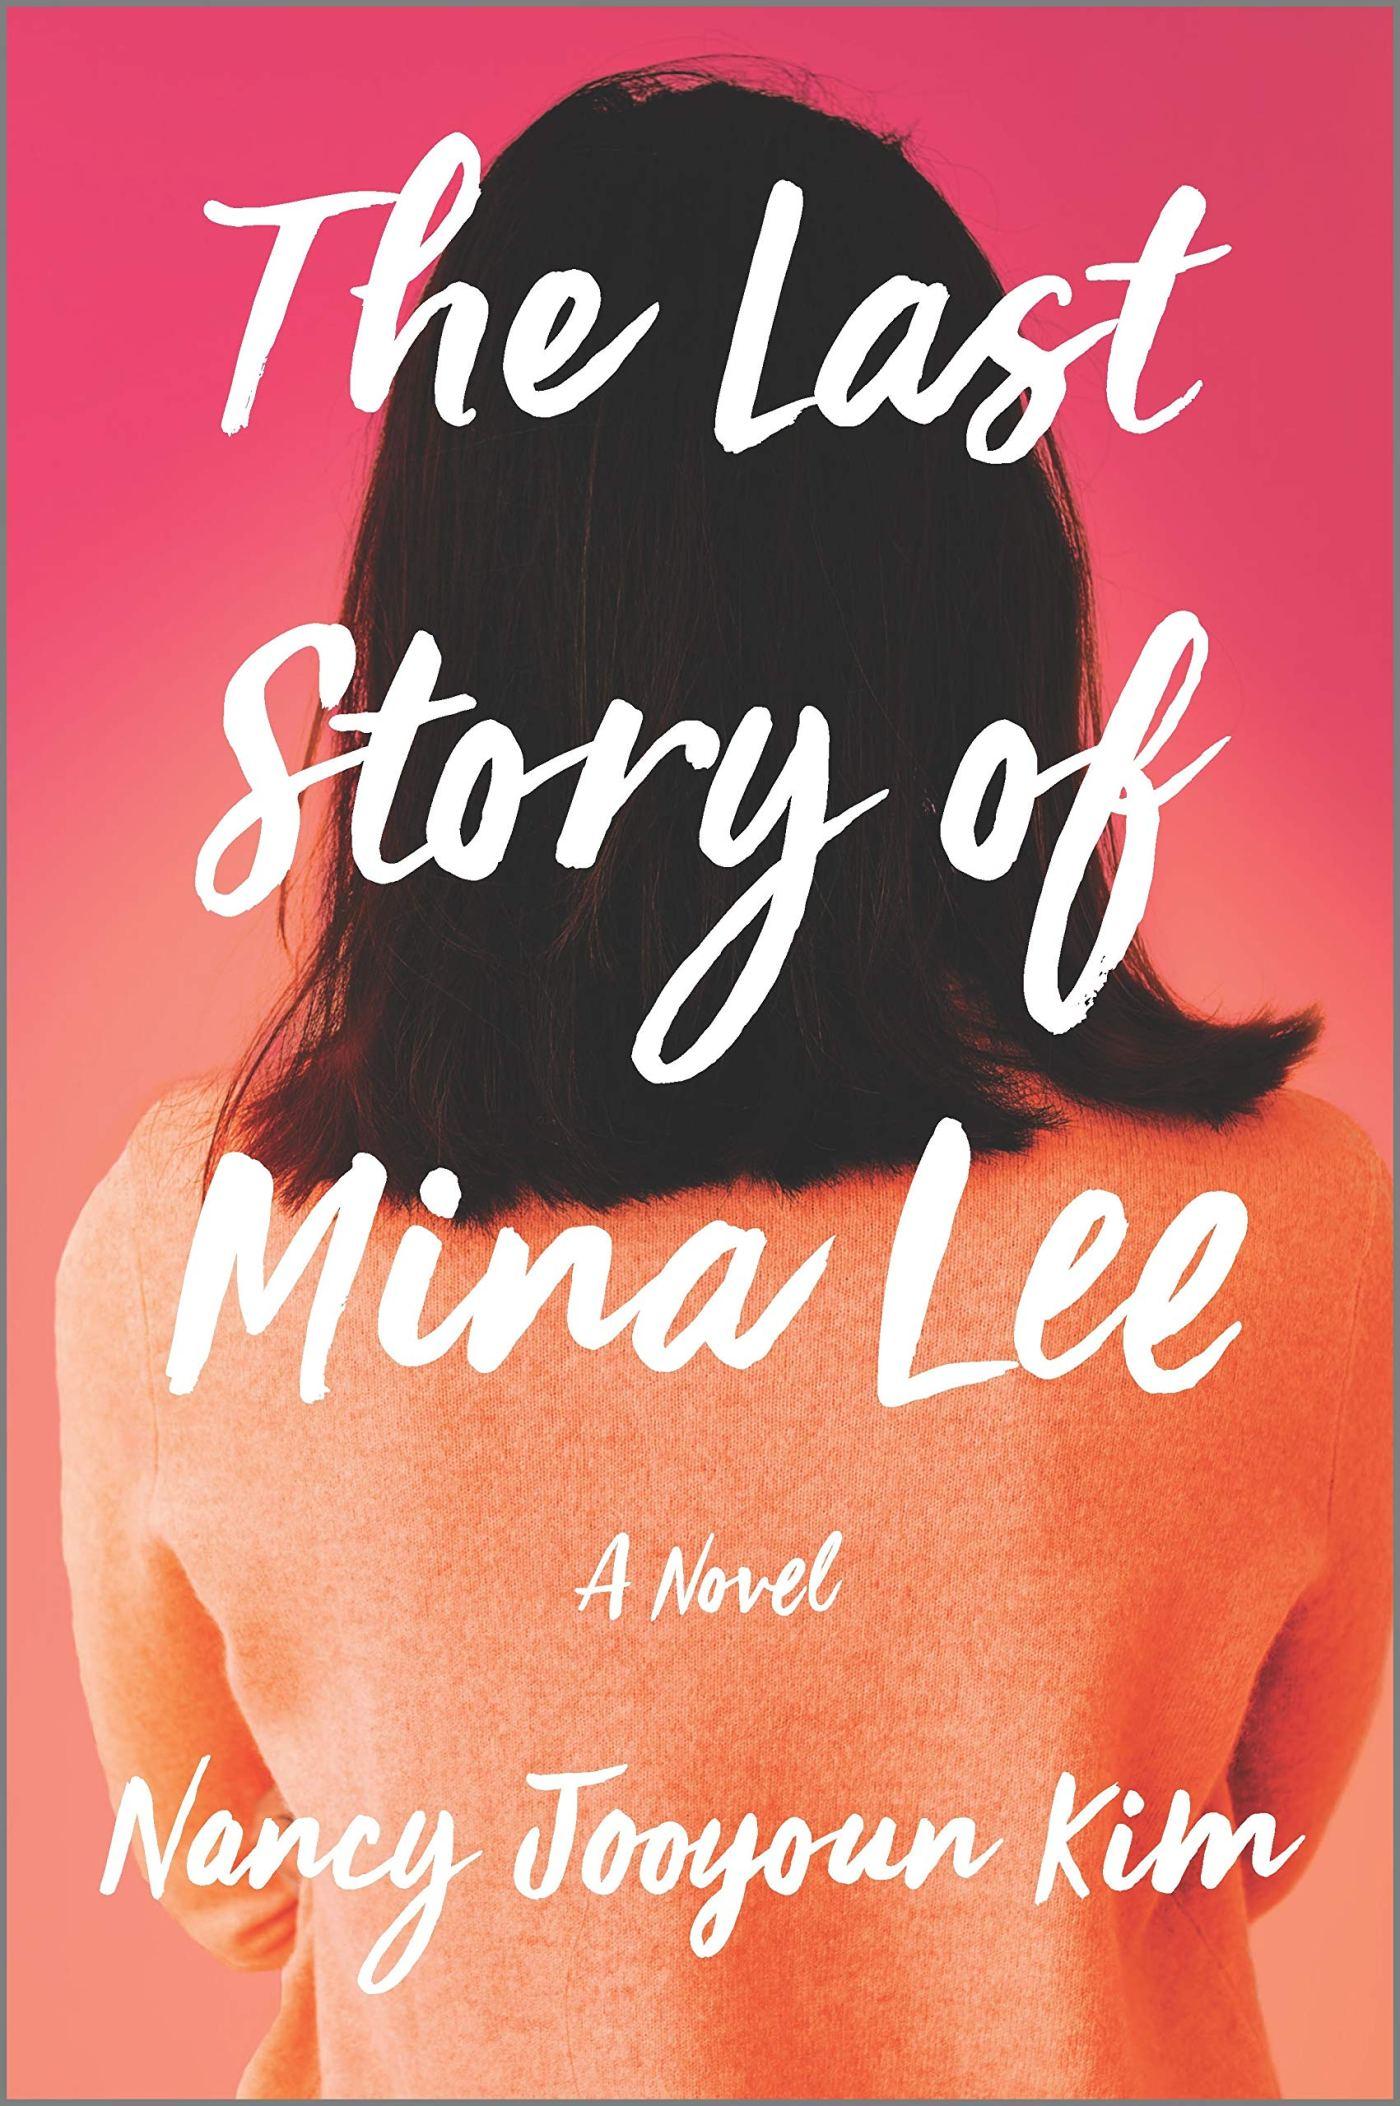 Nancy Jooyoun Kim - The Last Story of Mina Lee